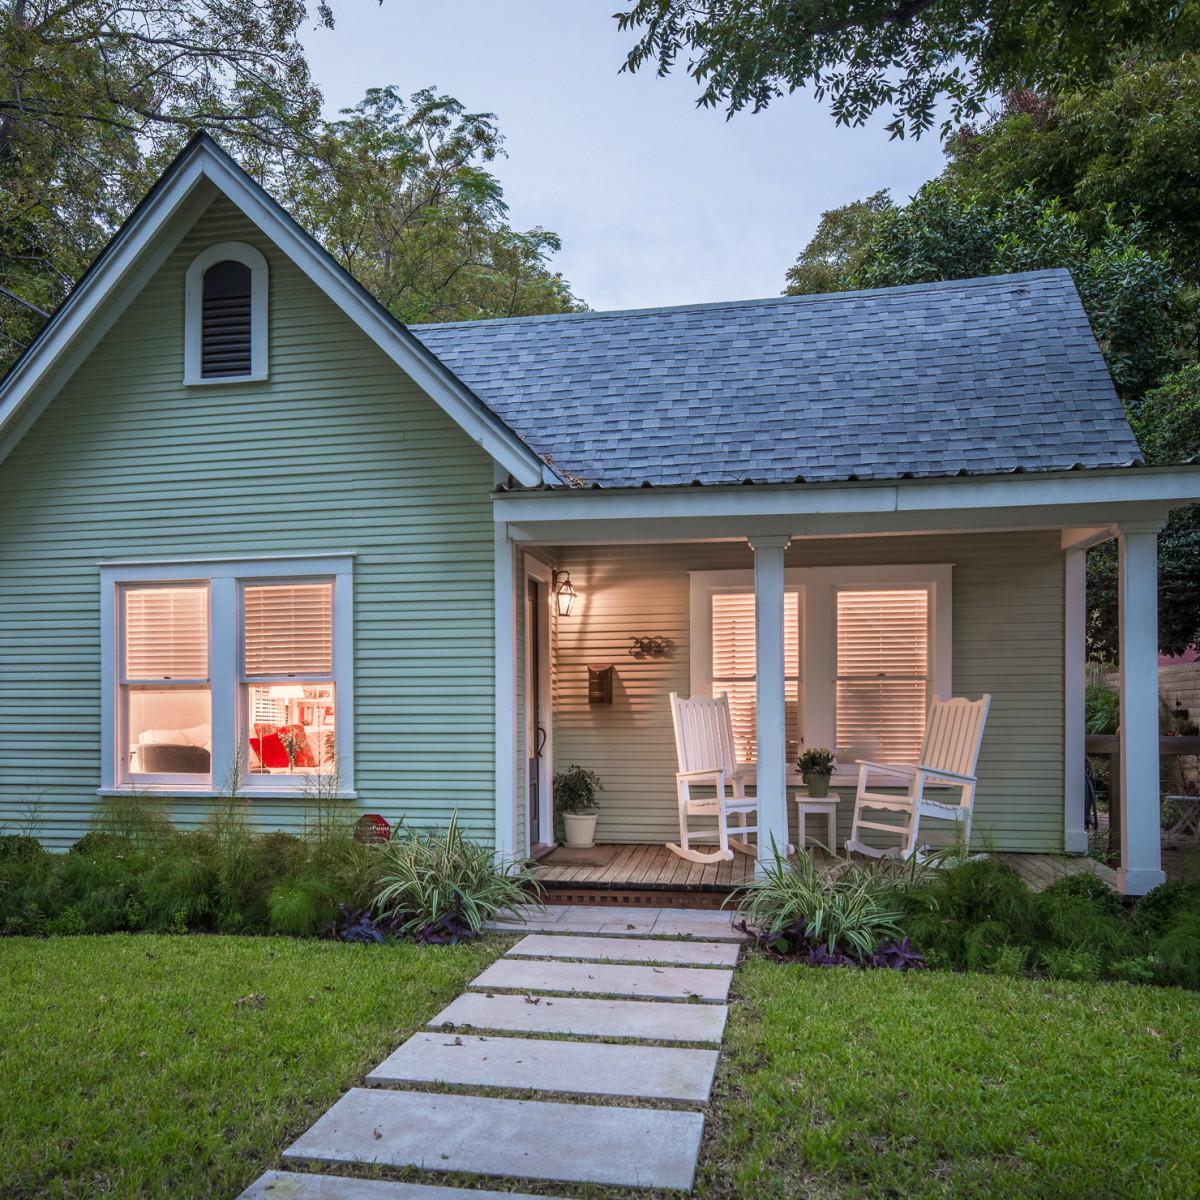 Historic Hyde Park Homes Tour 2015 1937 bungalow house